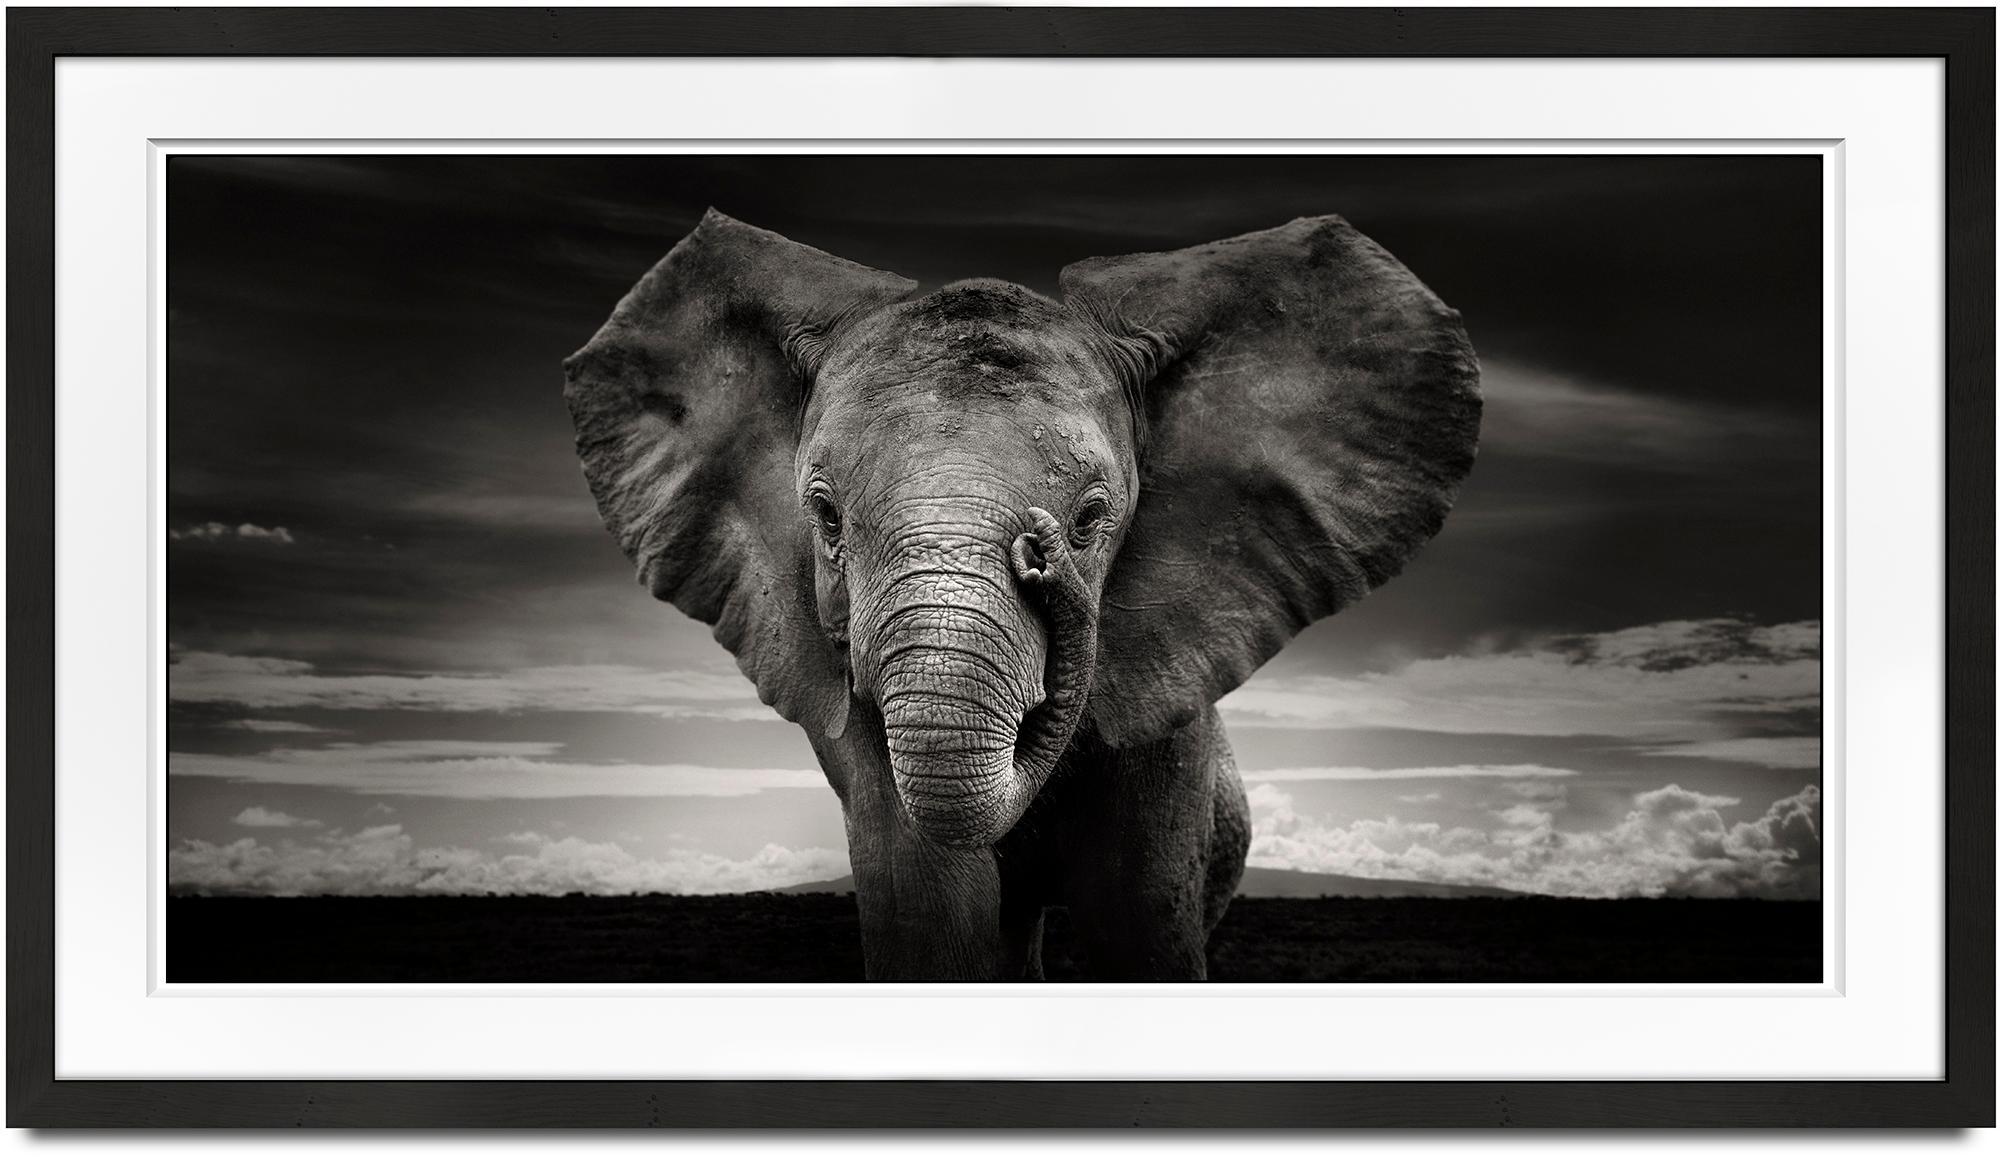 Sabachi, Kenya, Elephant, black and white photography, wildlife